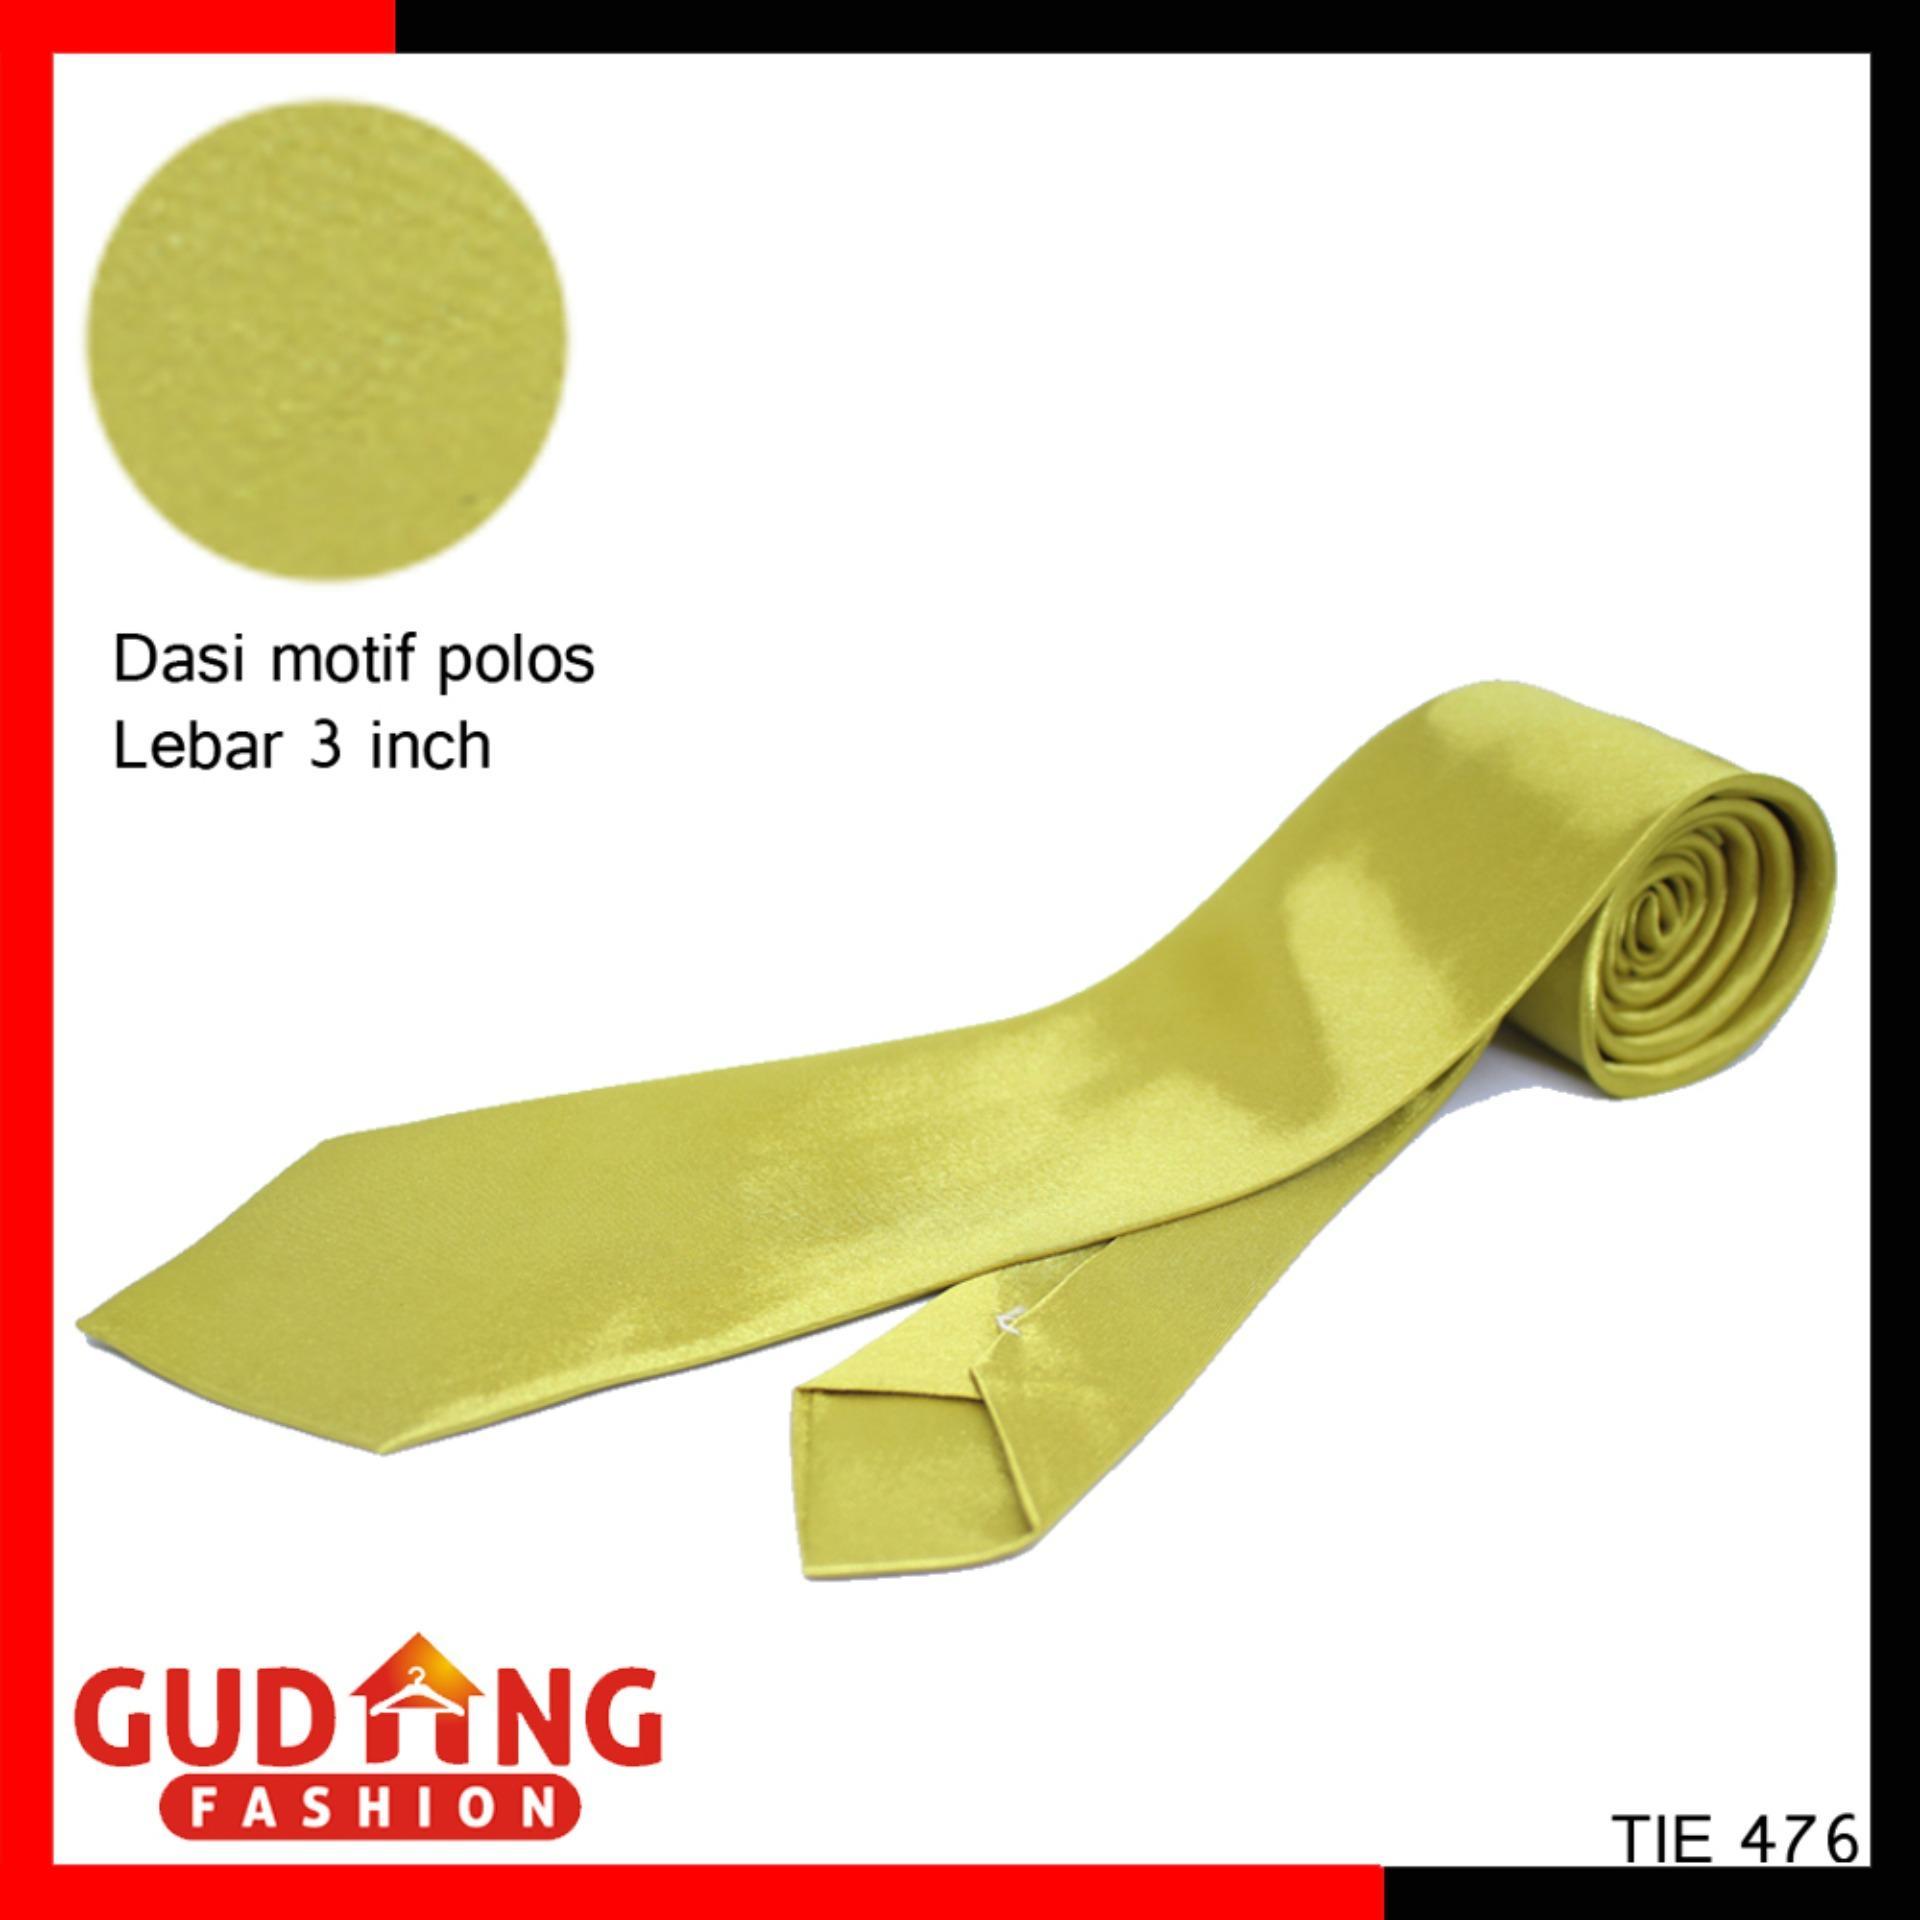 Dasi Terlengkap Murah Slim Hitam Polos Corak